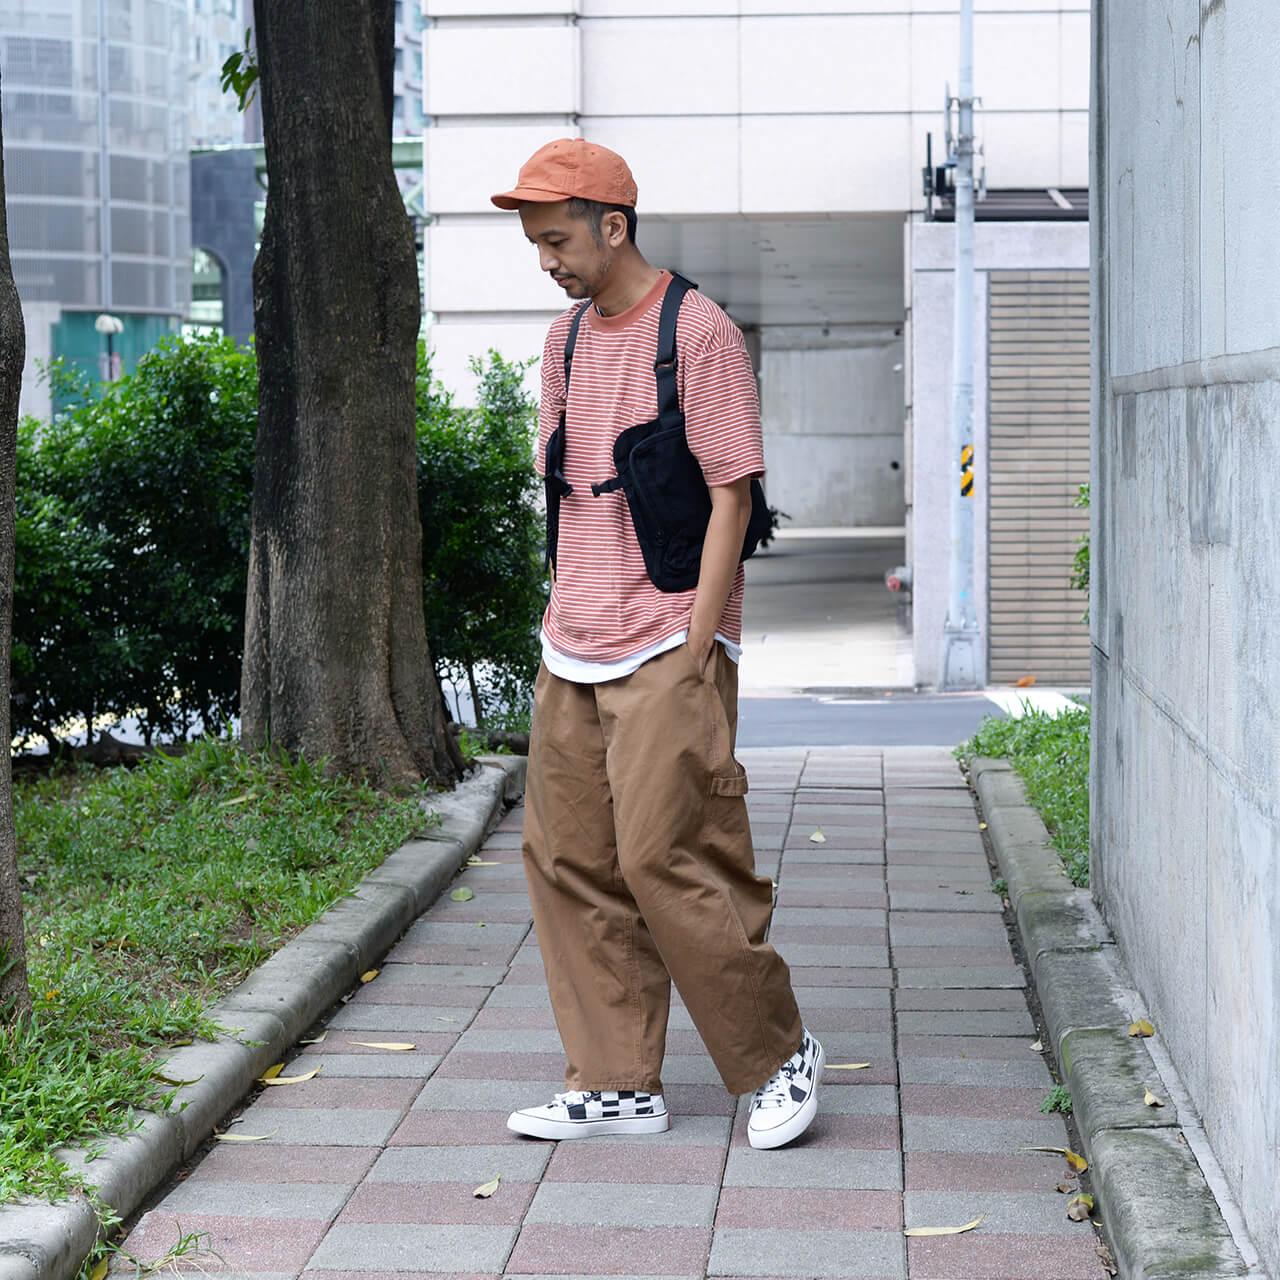 男生穿搭,街頭,西裝,休閒搭配,akko,akko 褲,一週搭配,街頭搭配,搭配型人,街頭型人